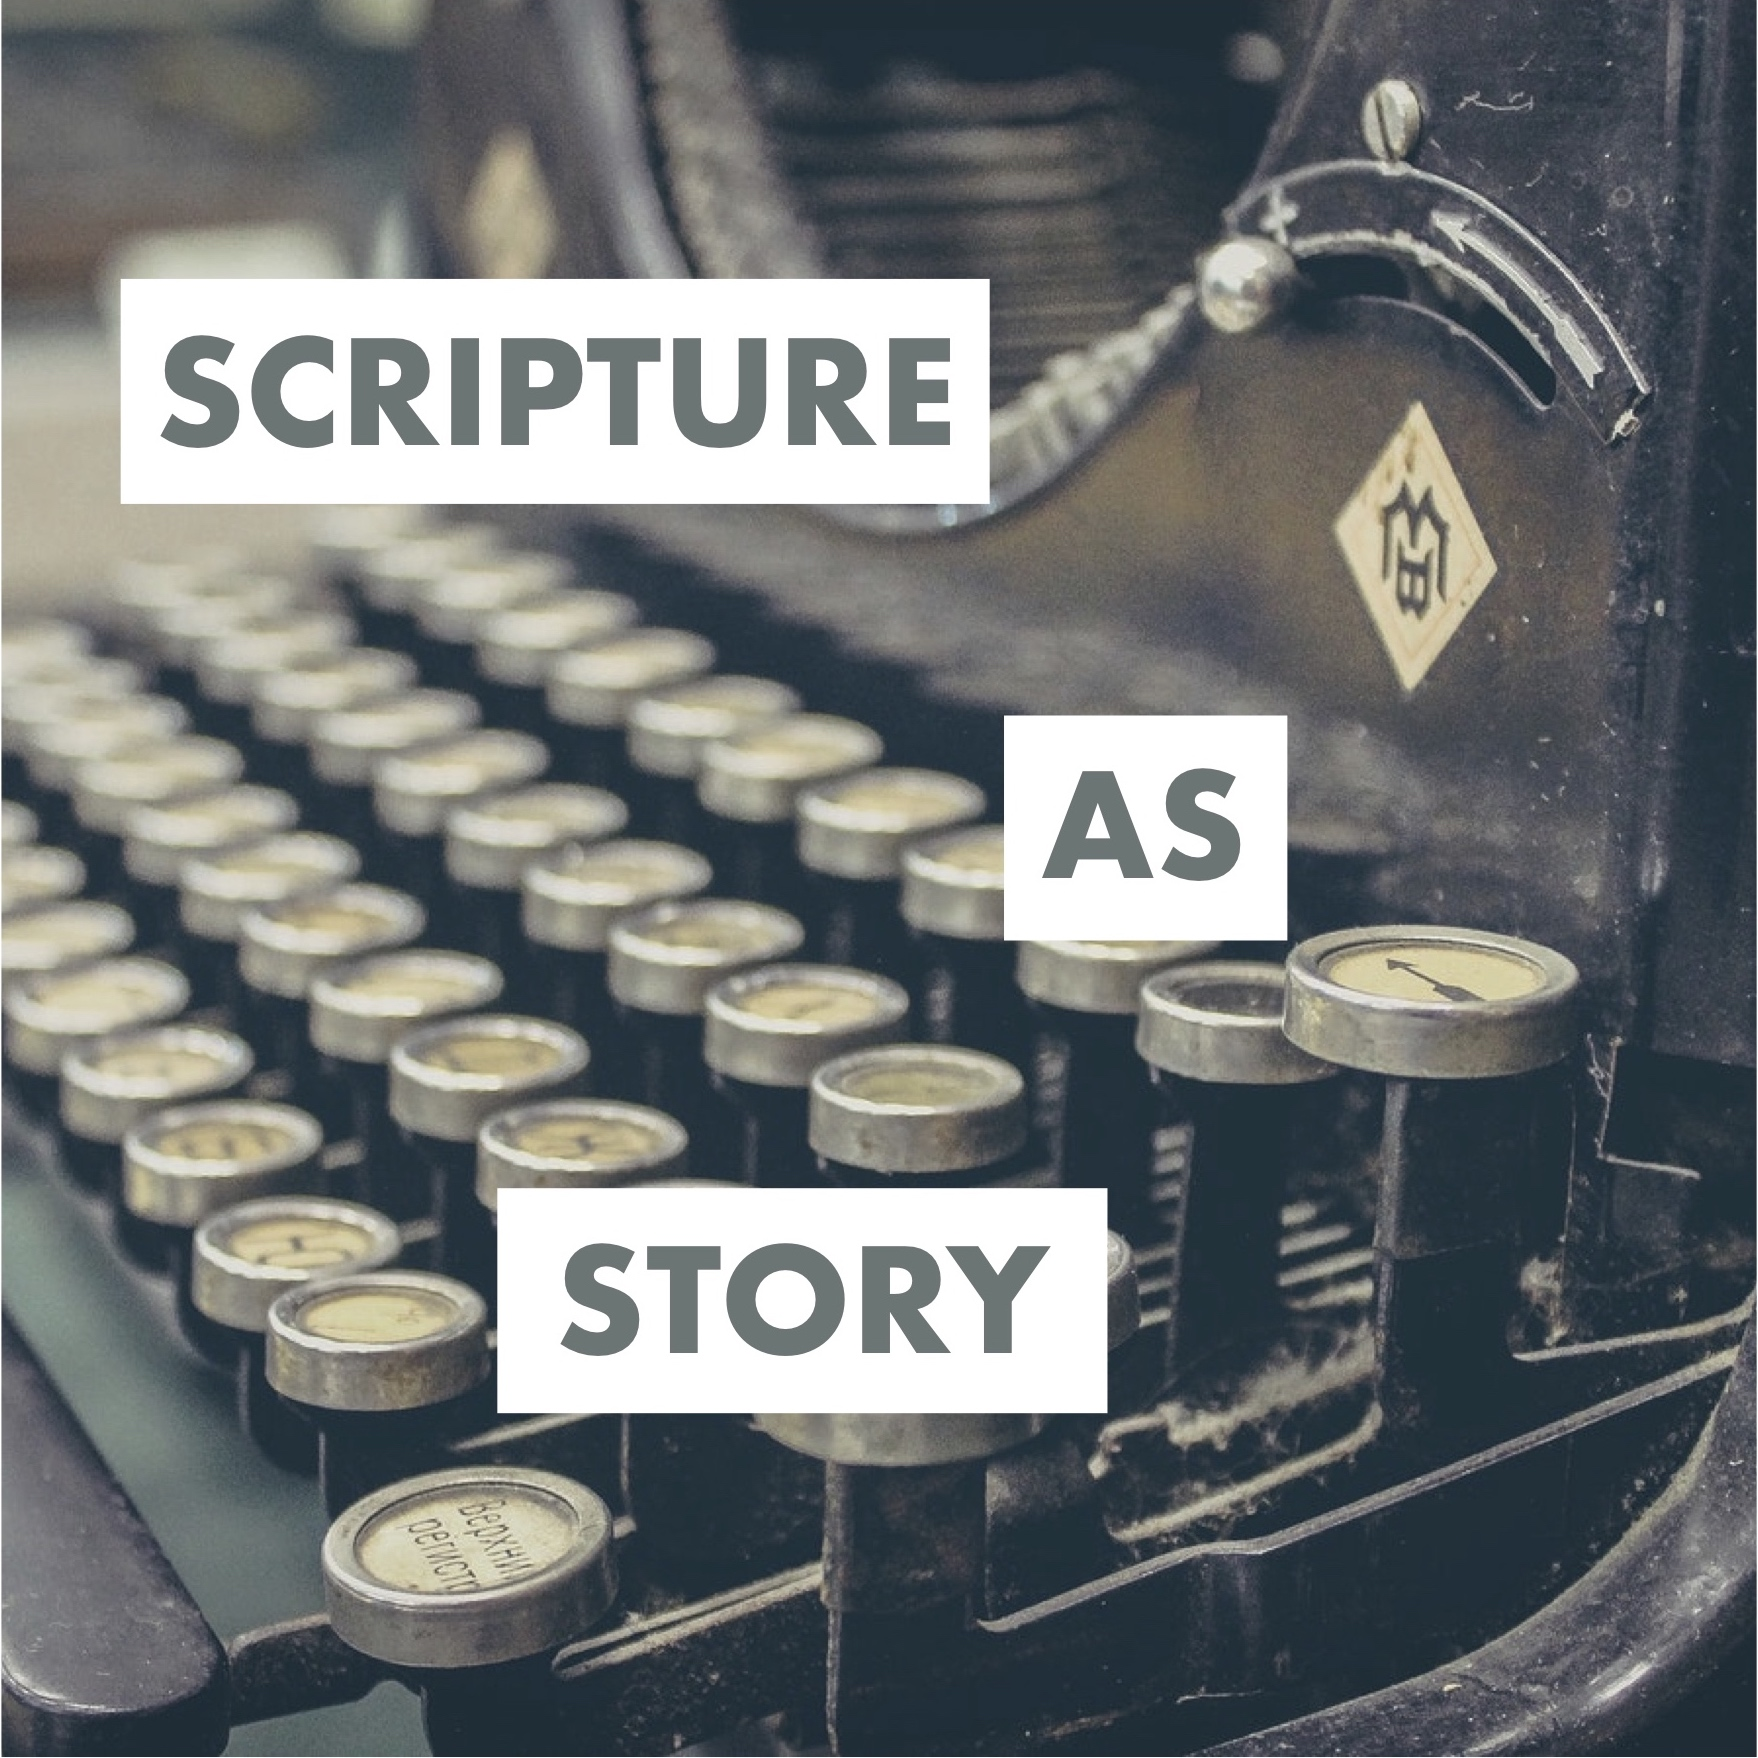 Scripture as Story.jpg